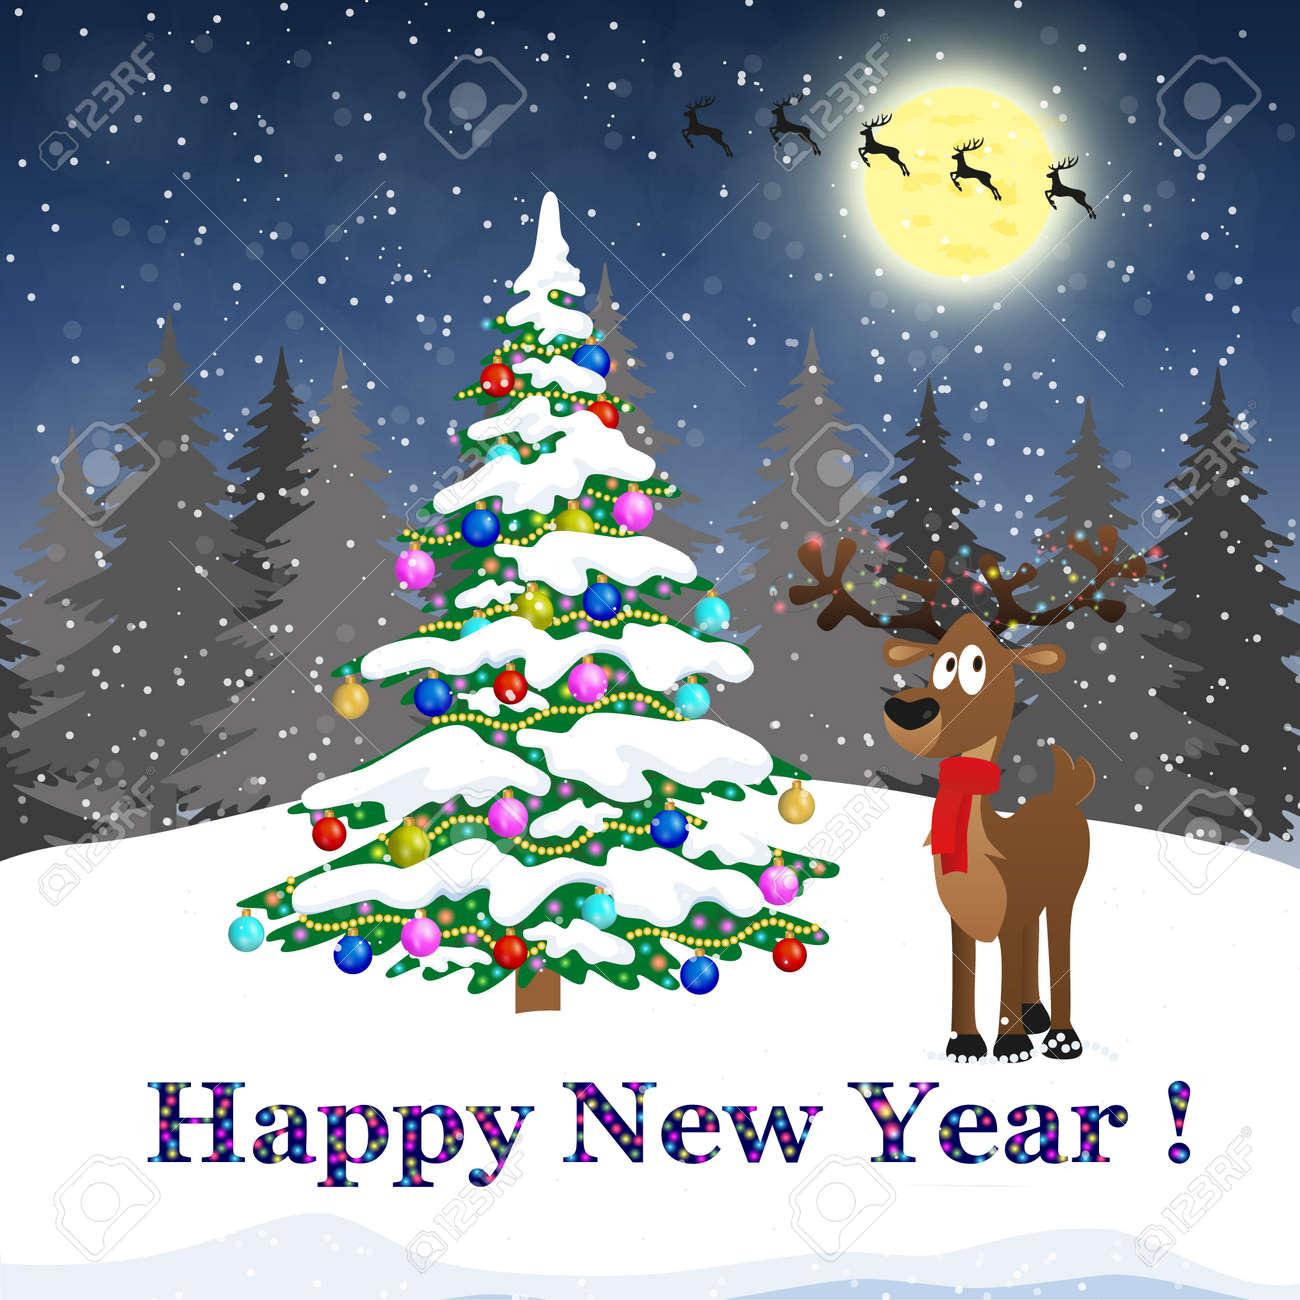 Frohe Weihnachten Und Happy New Year Schriftzug Design. Wir Wünschen ...